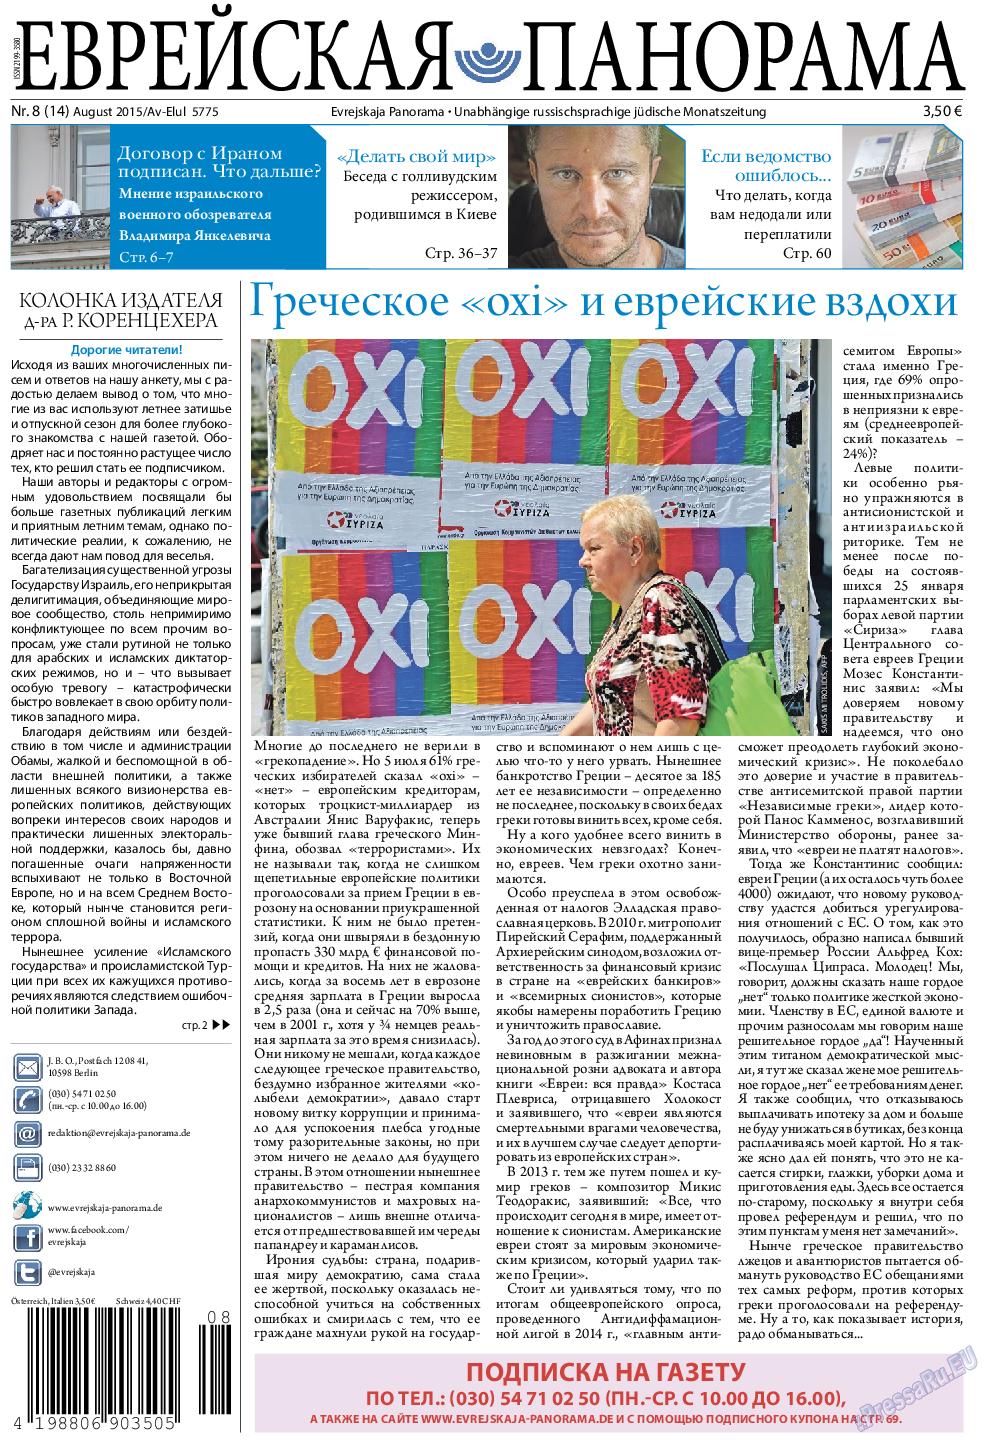 Еврейская панорама (газета). 2015 год, номер 8, стр. 1